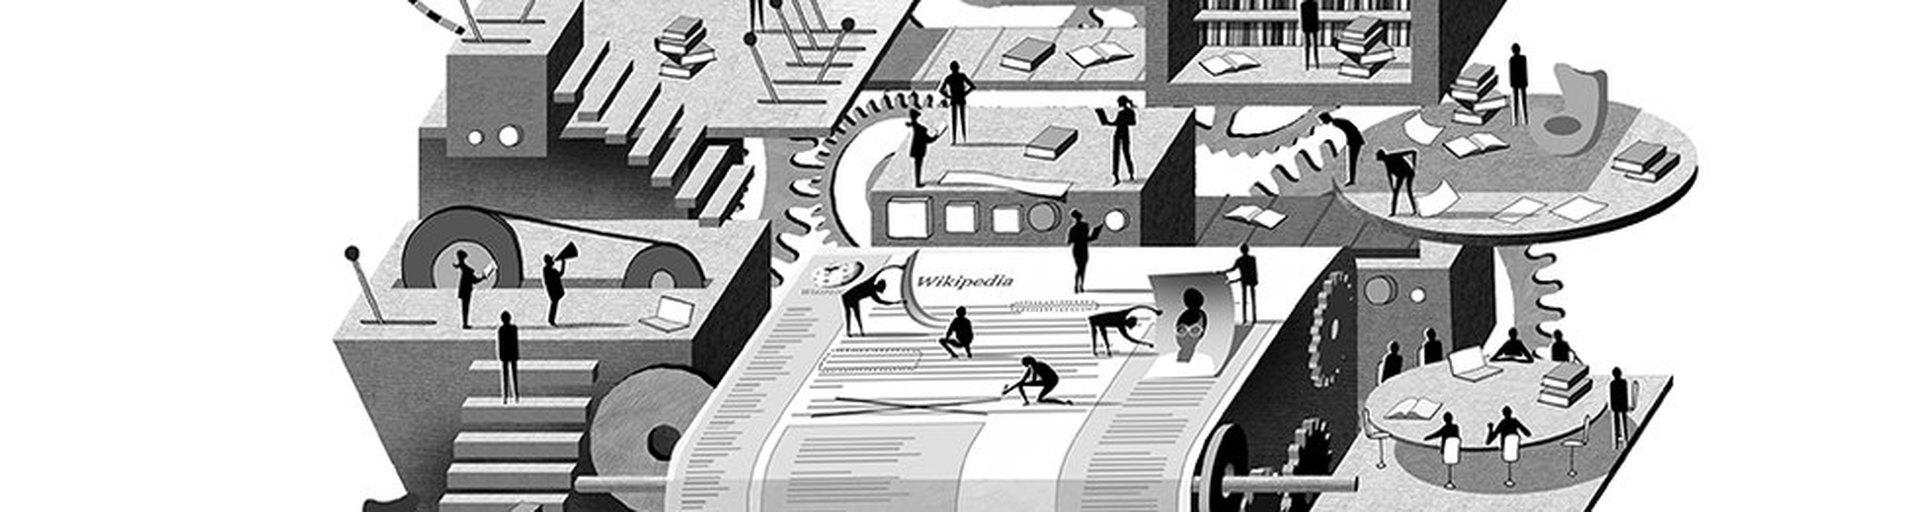 «Википедии» 20 лет: как главная энциклопедия винтернете изменила мир